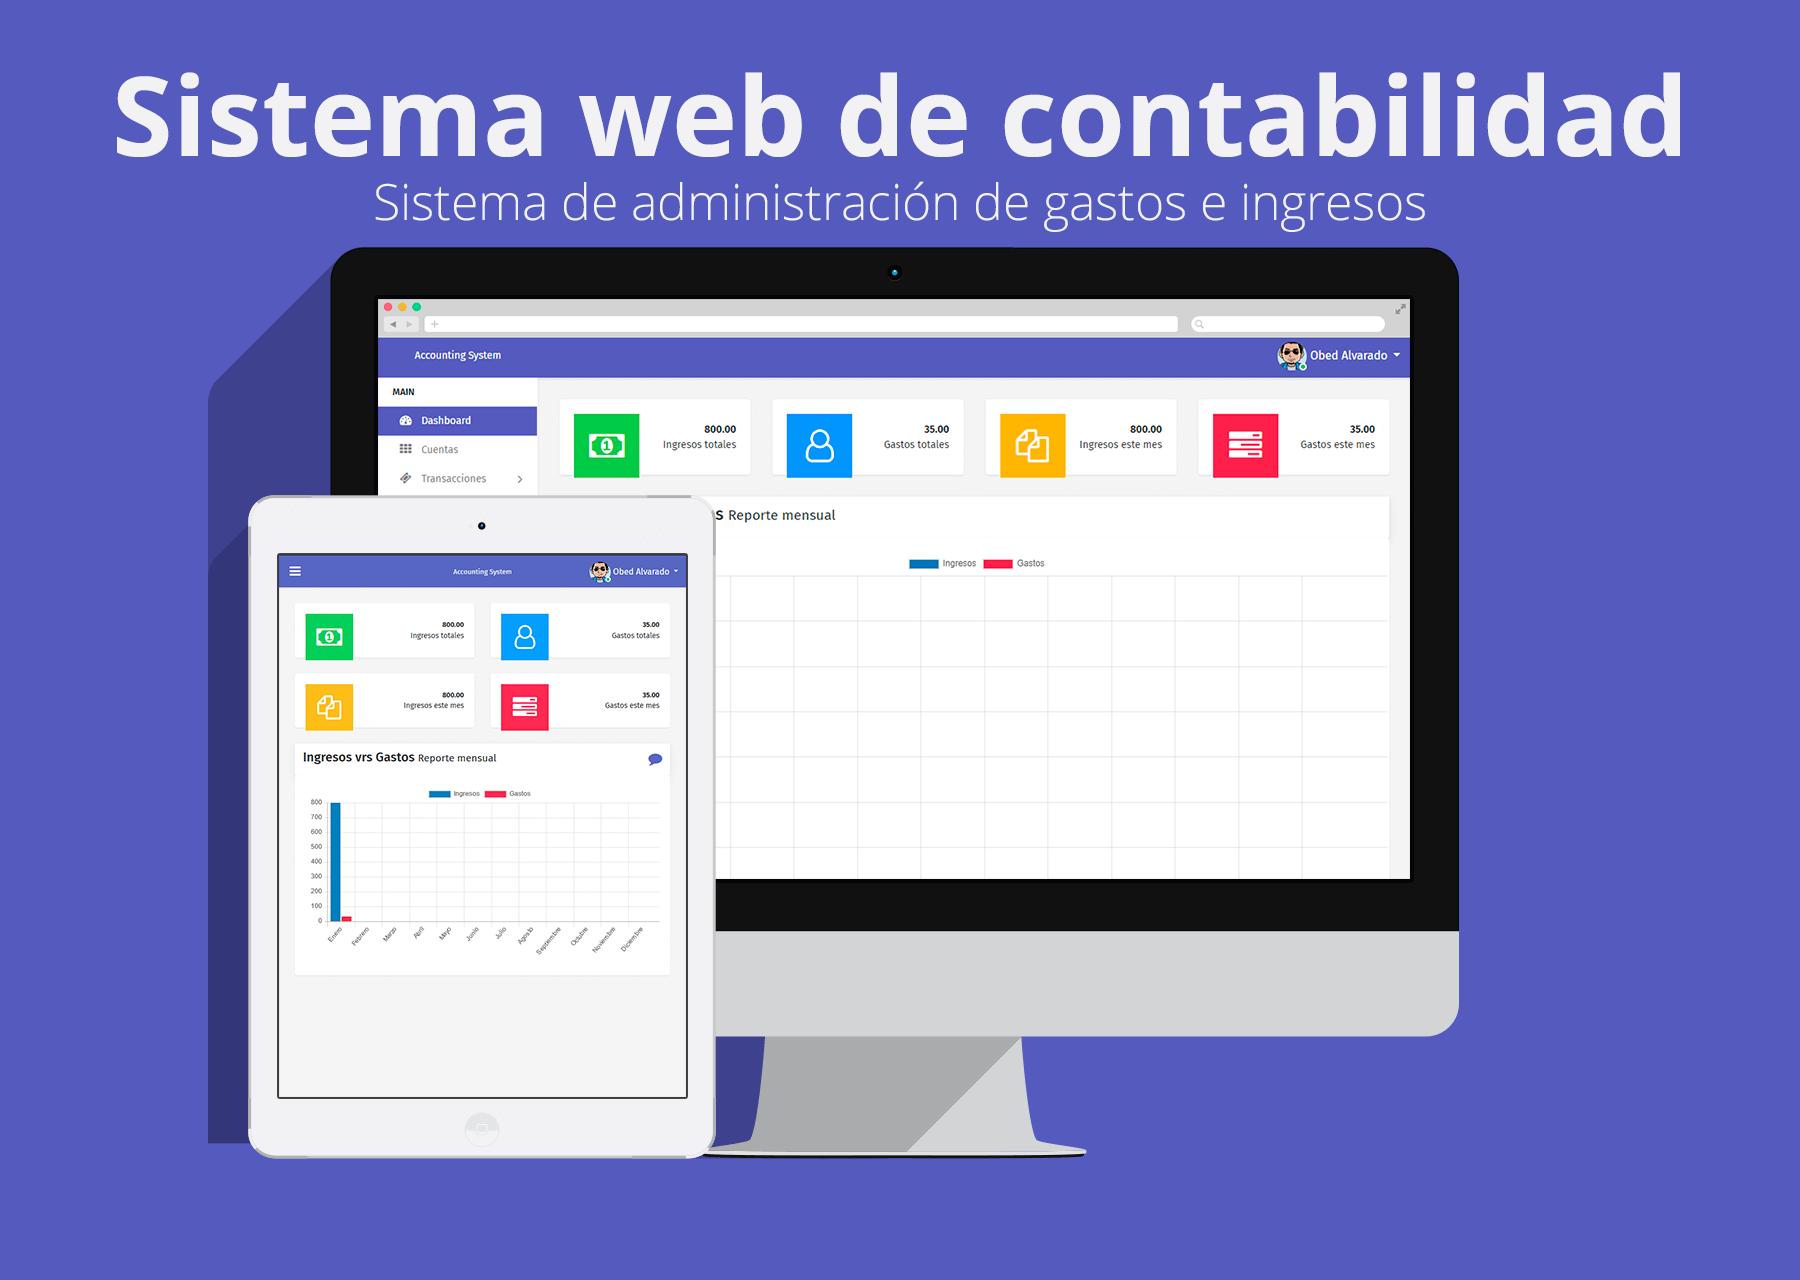 SISTEMA WEB DE CONTABILIDAD